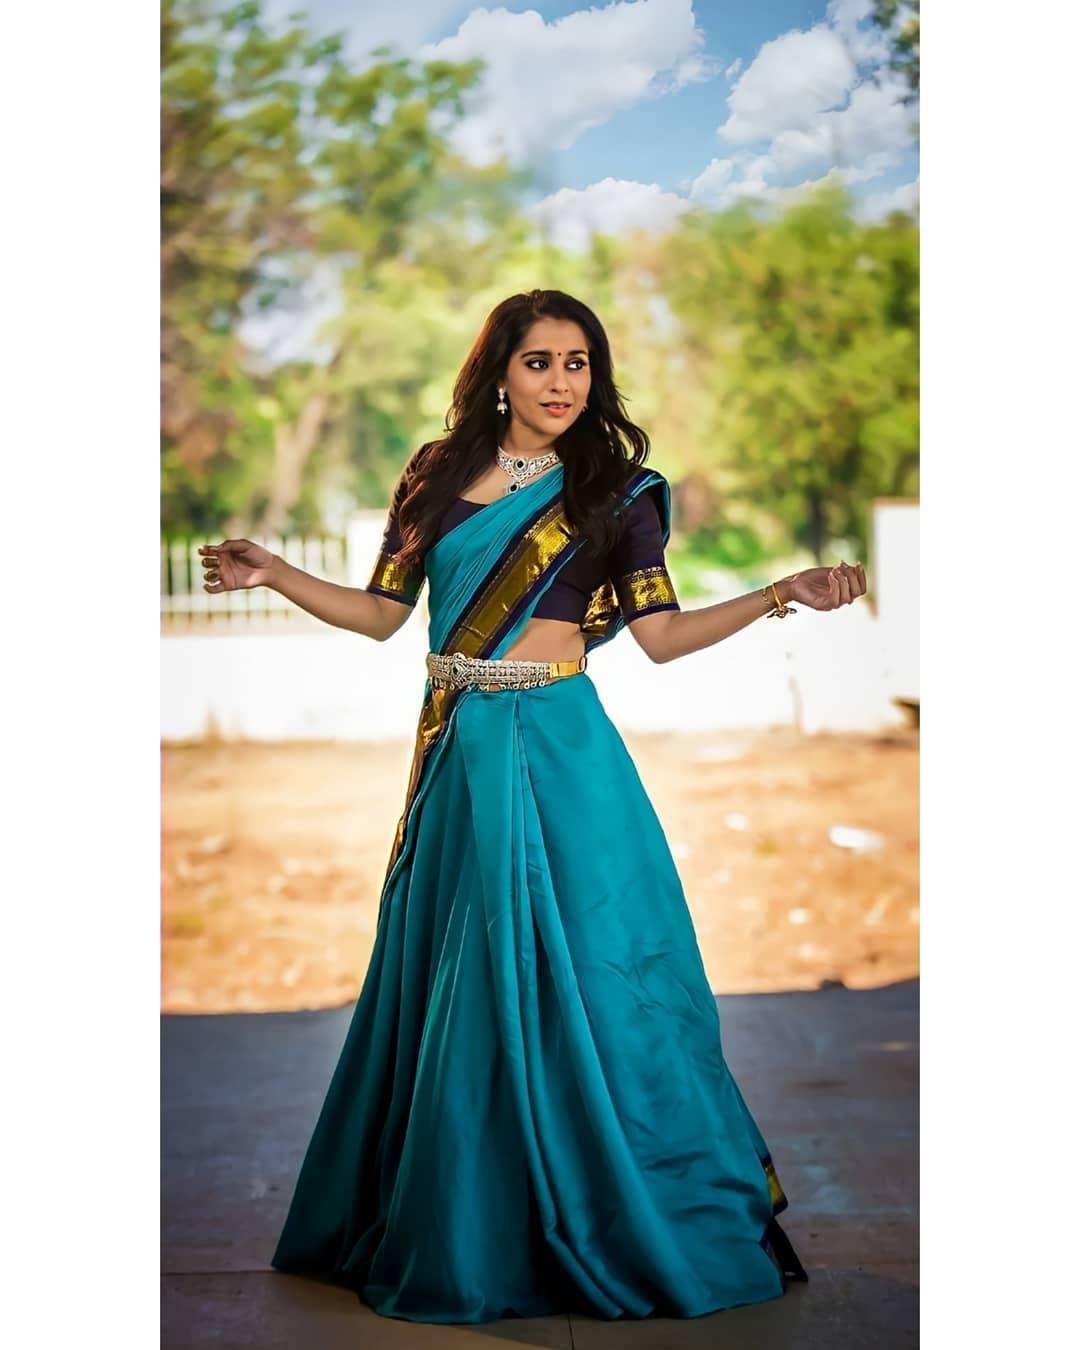 చీరకట్టులో రష్మీ గౌతమ్ (Image: Instagram)